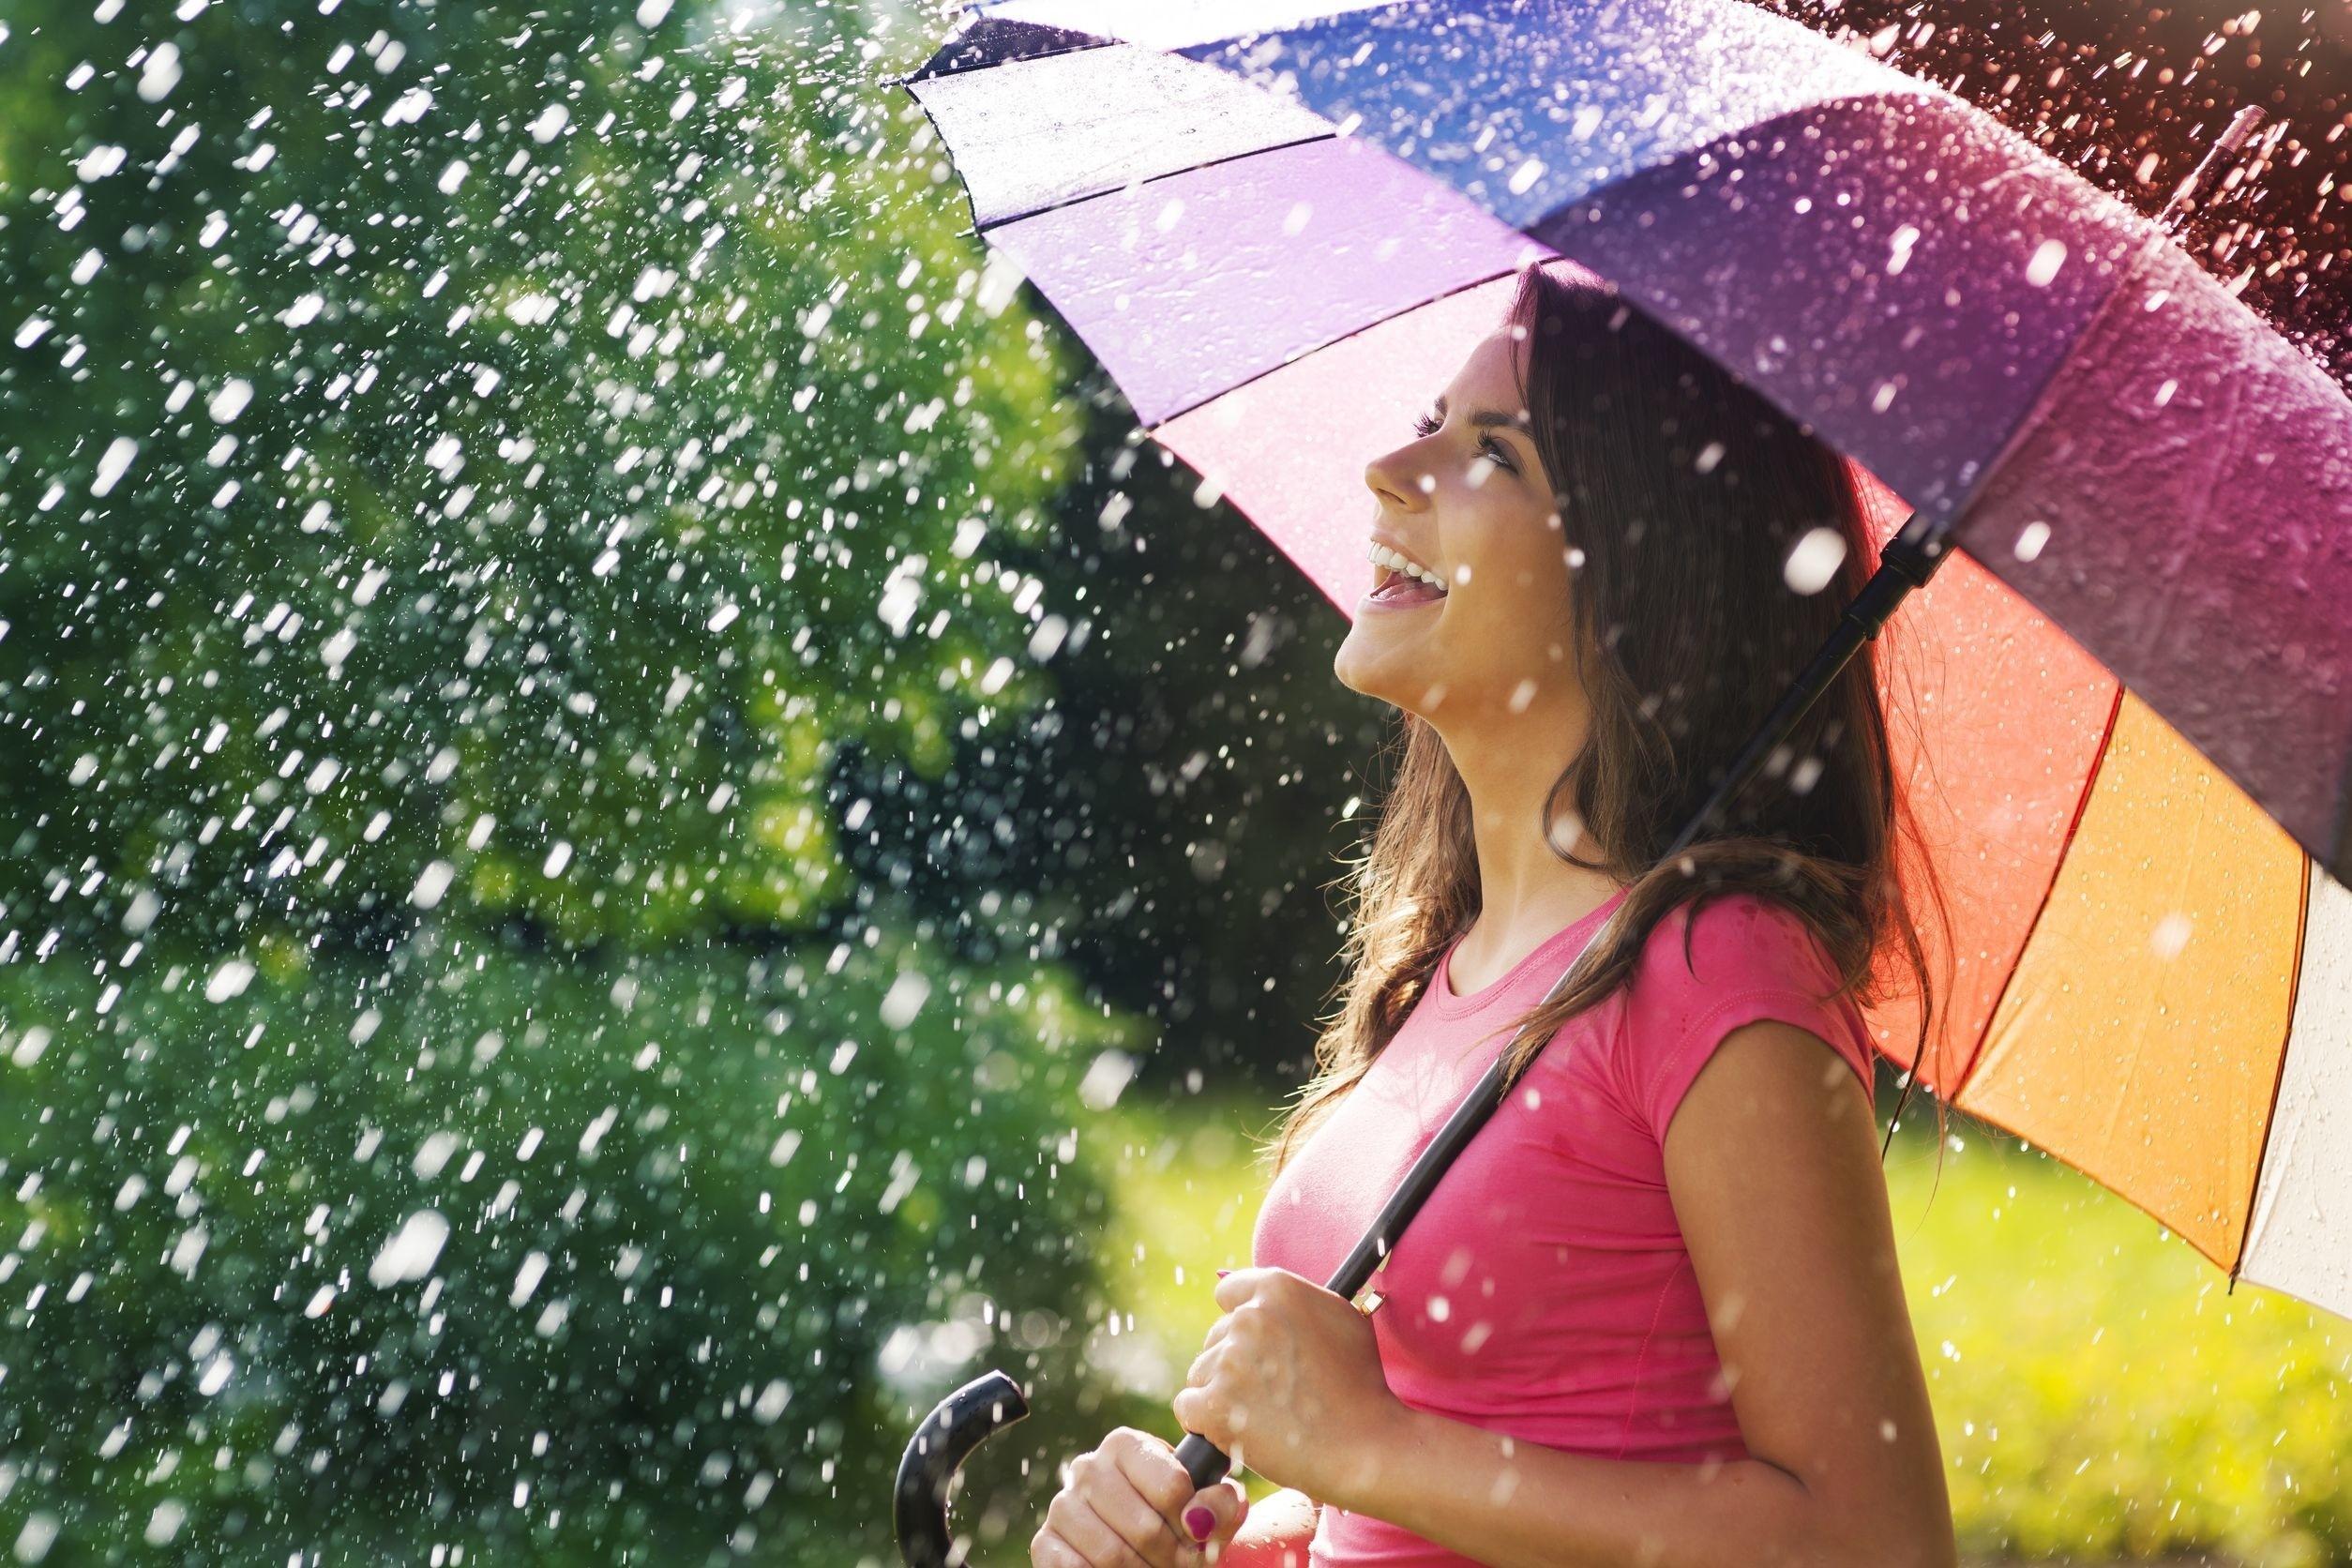 Rainbow Umbrella under Water Spray